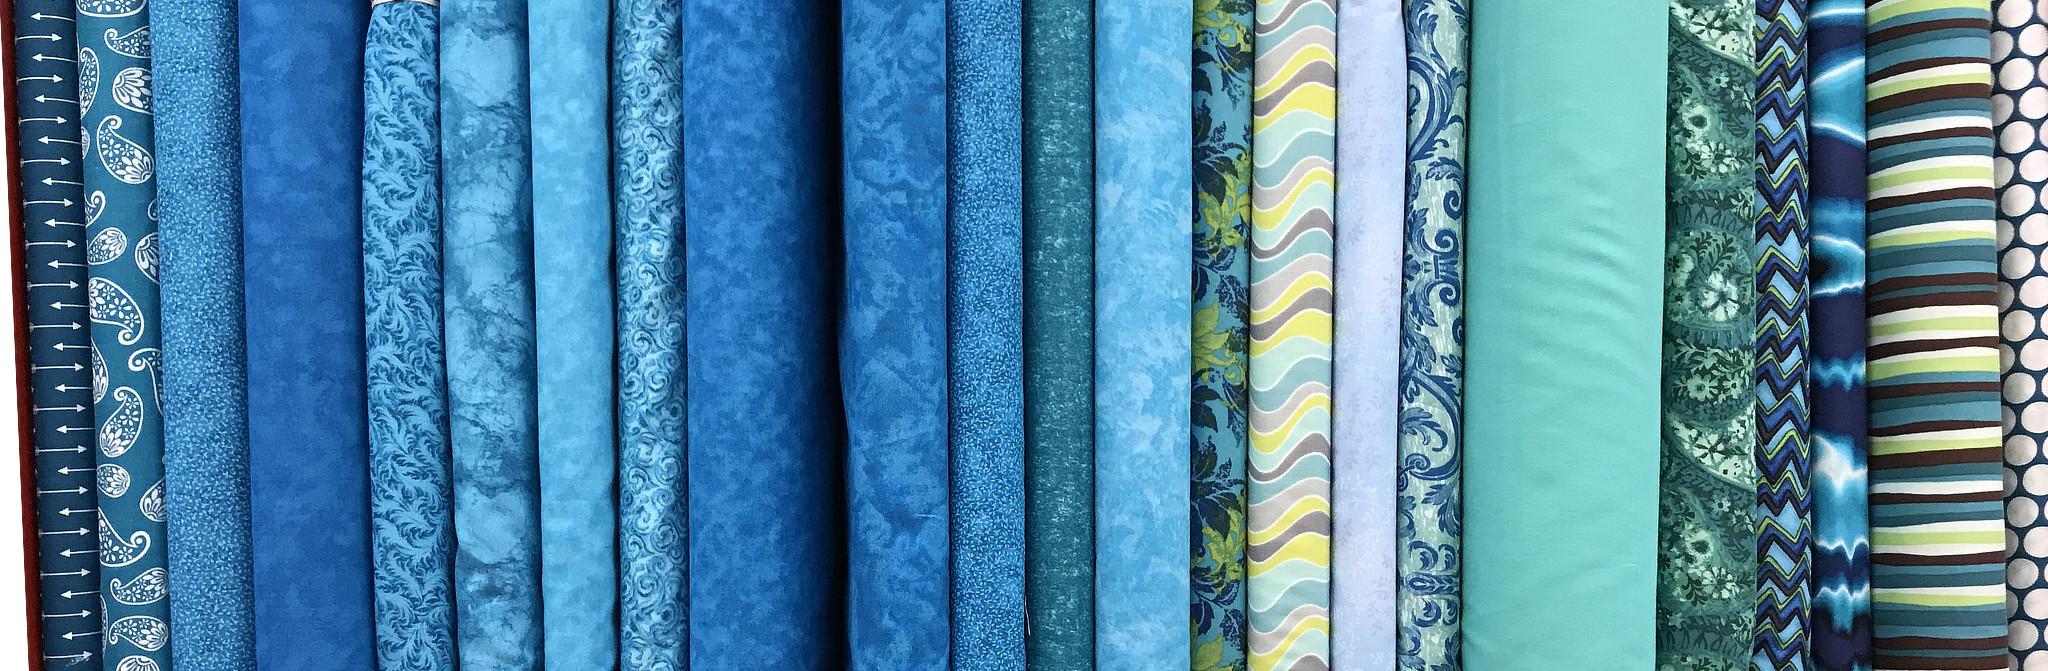 Colorful Cotton Prints!